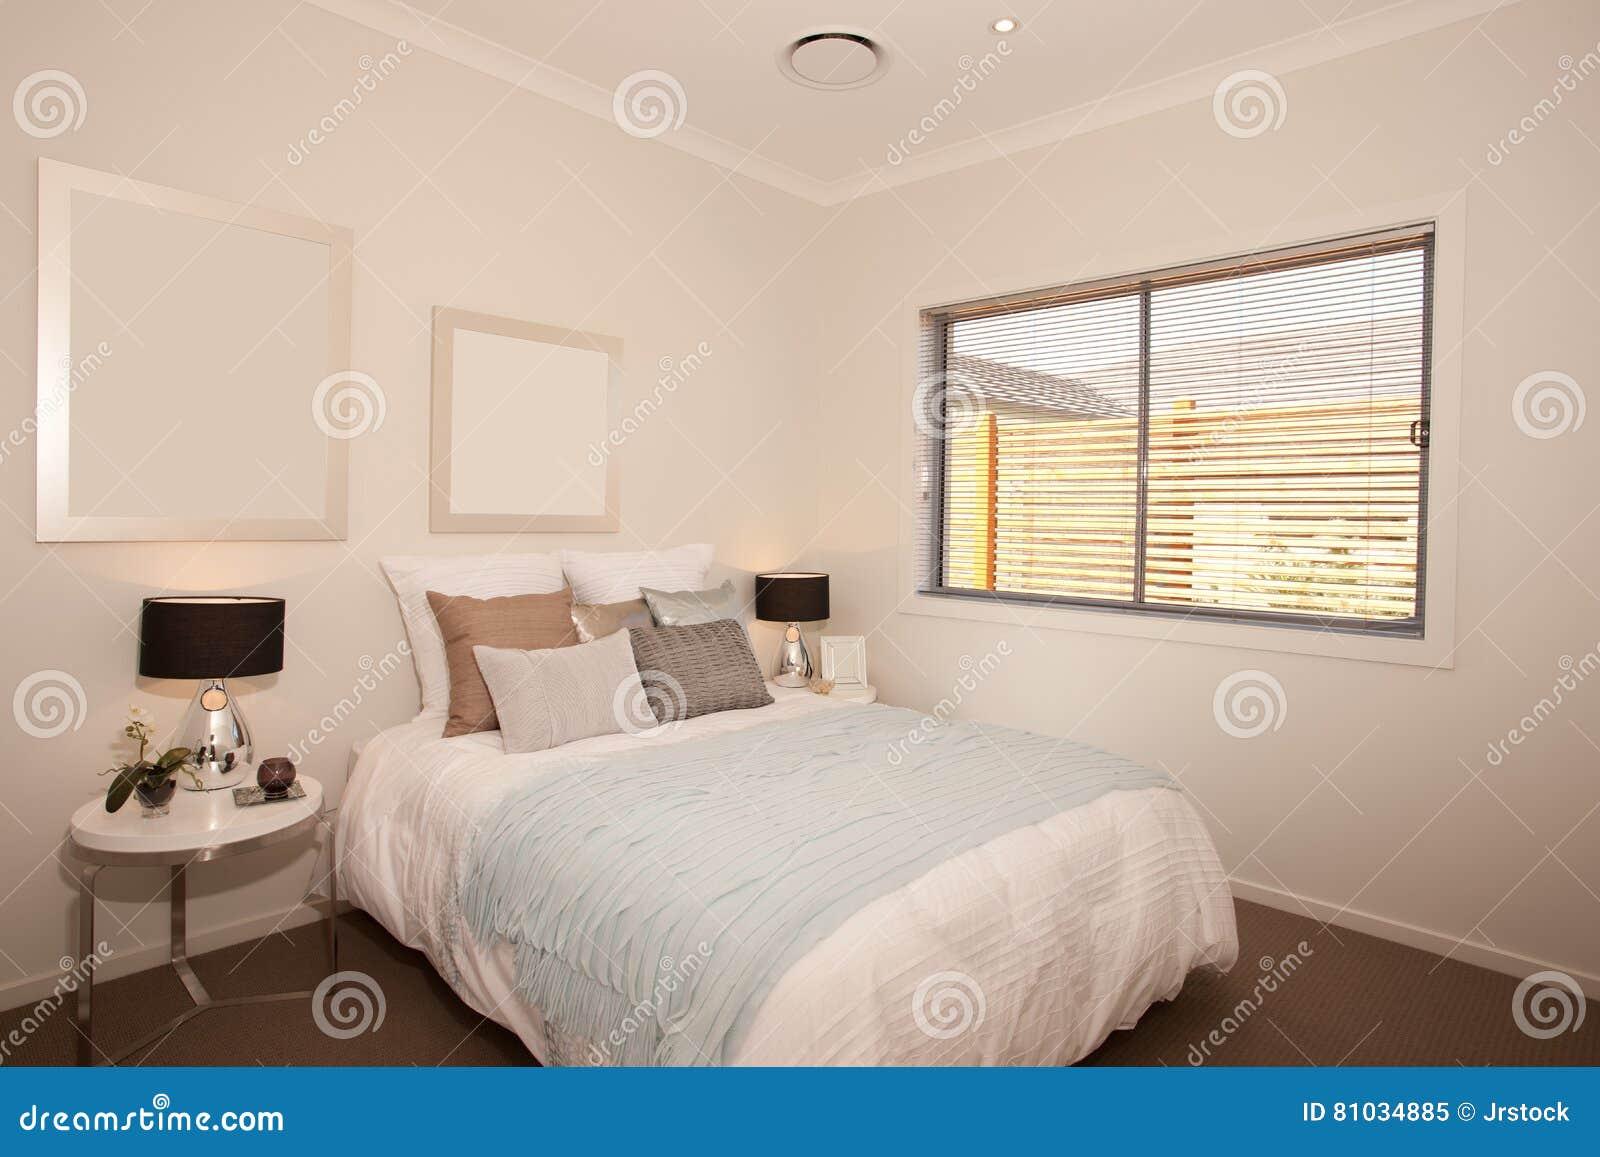 De Witte Slaapkamer : Slaapkamer en hoofdkussens in de witte muurruimte met inbegrip van